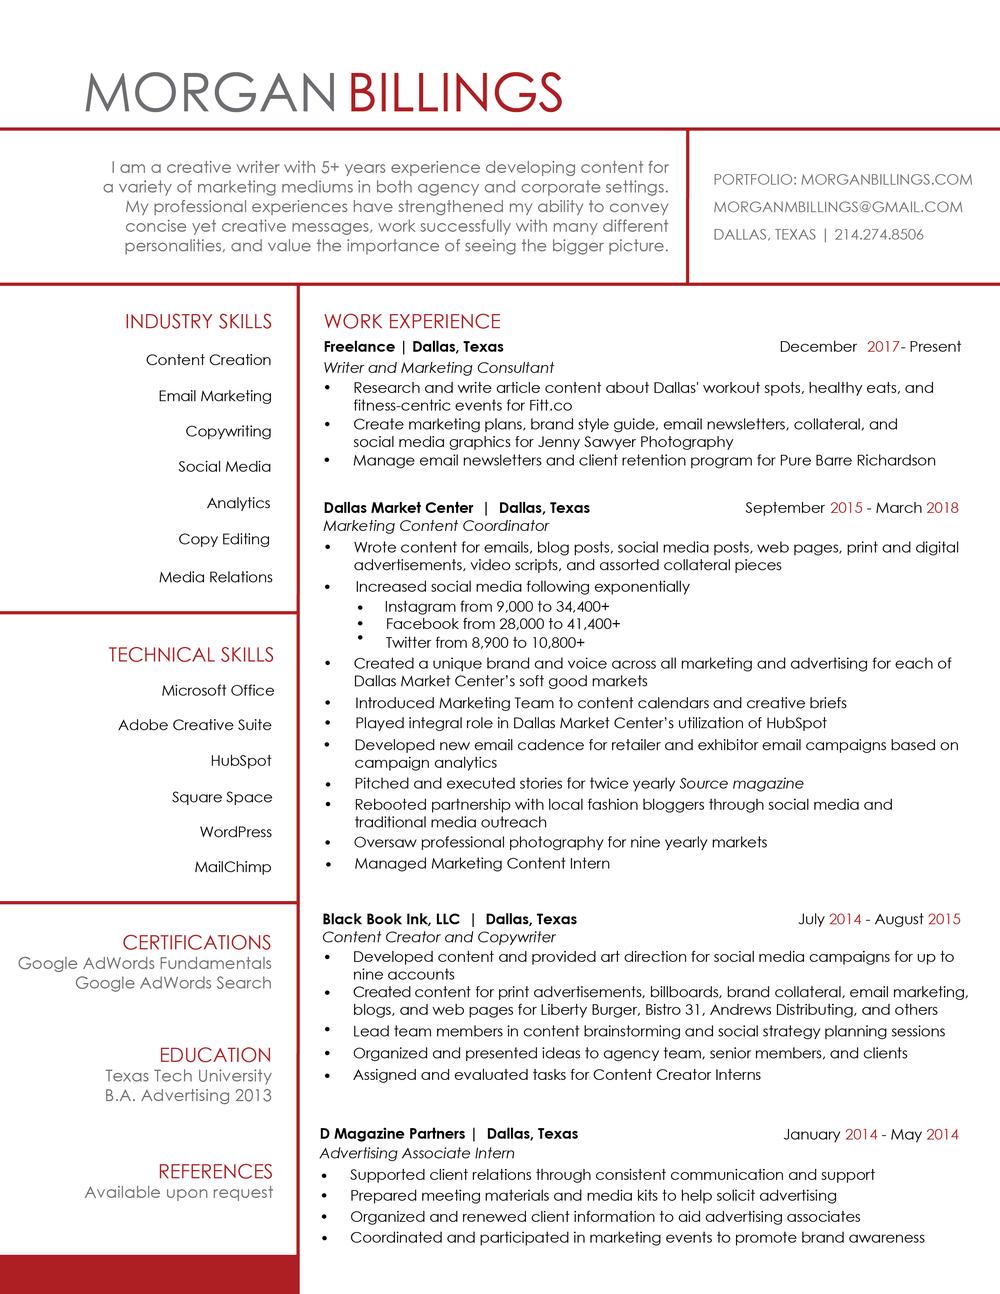 Resume — morgan billings